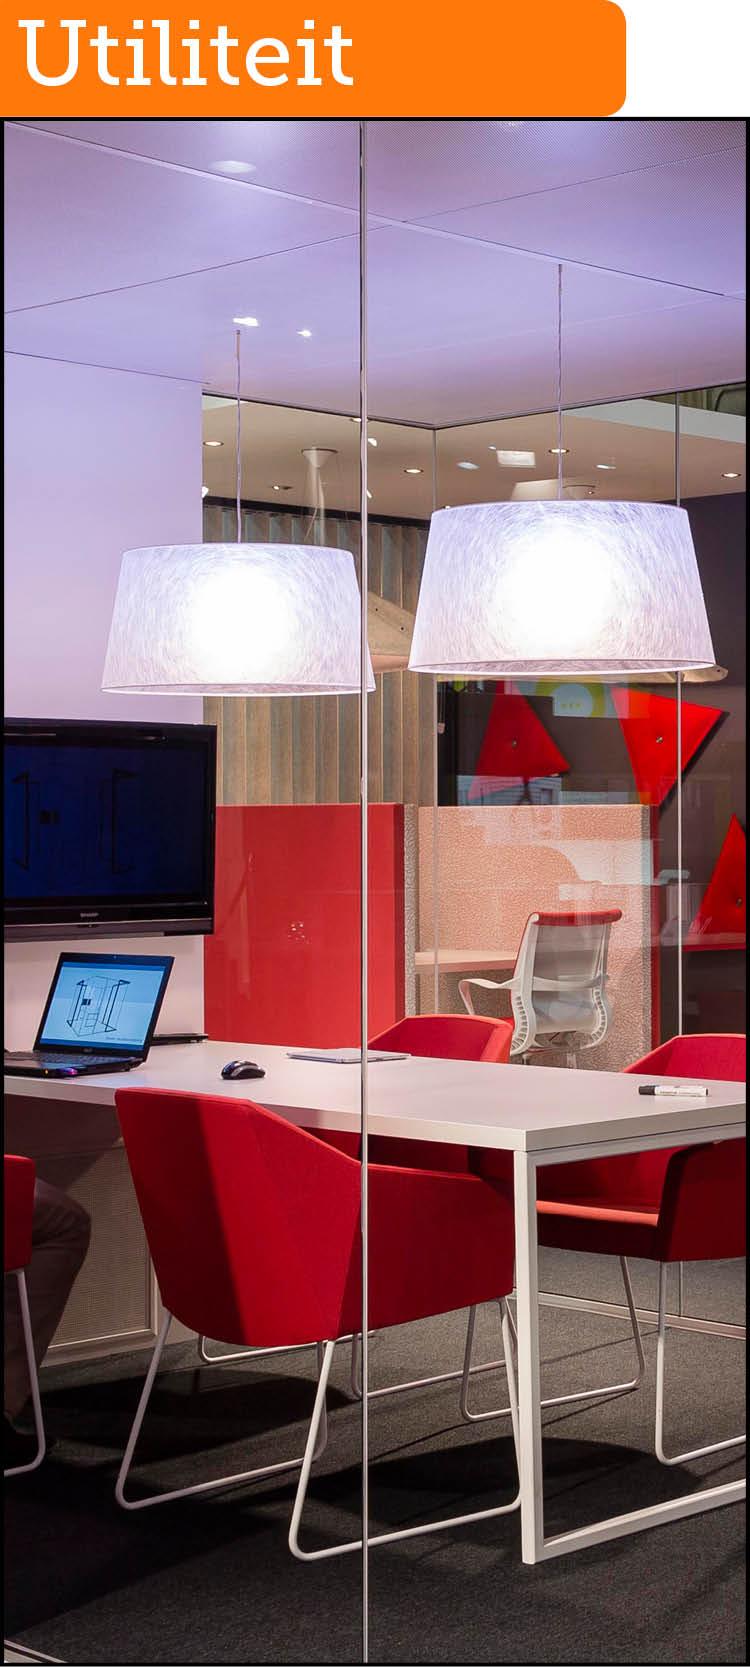 Dydell licht op maat informatie over kantoren en zorginstellingen